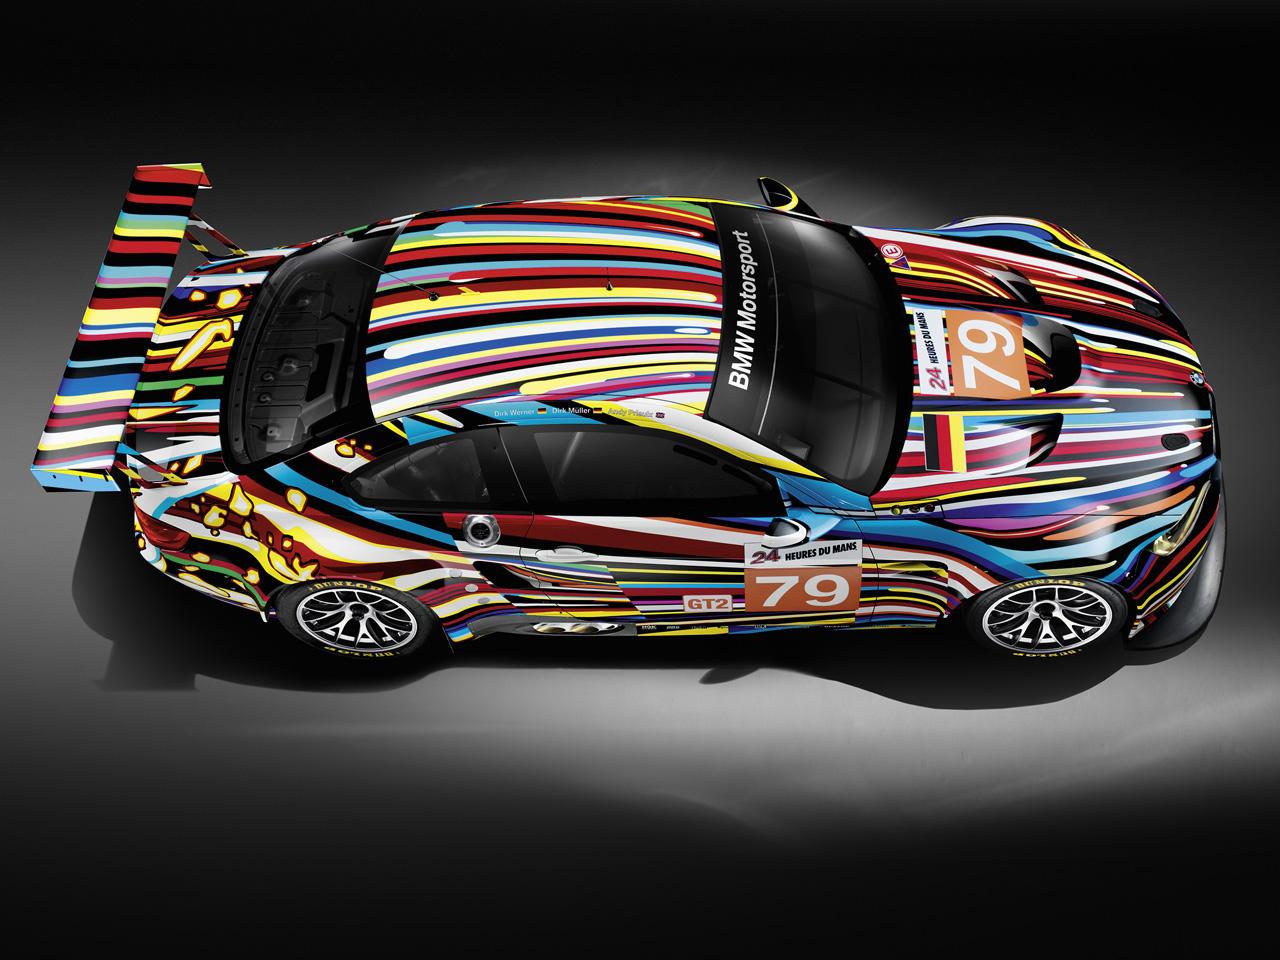 Bmw S Art Cars A Blend Of Art And Speed Cbs News